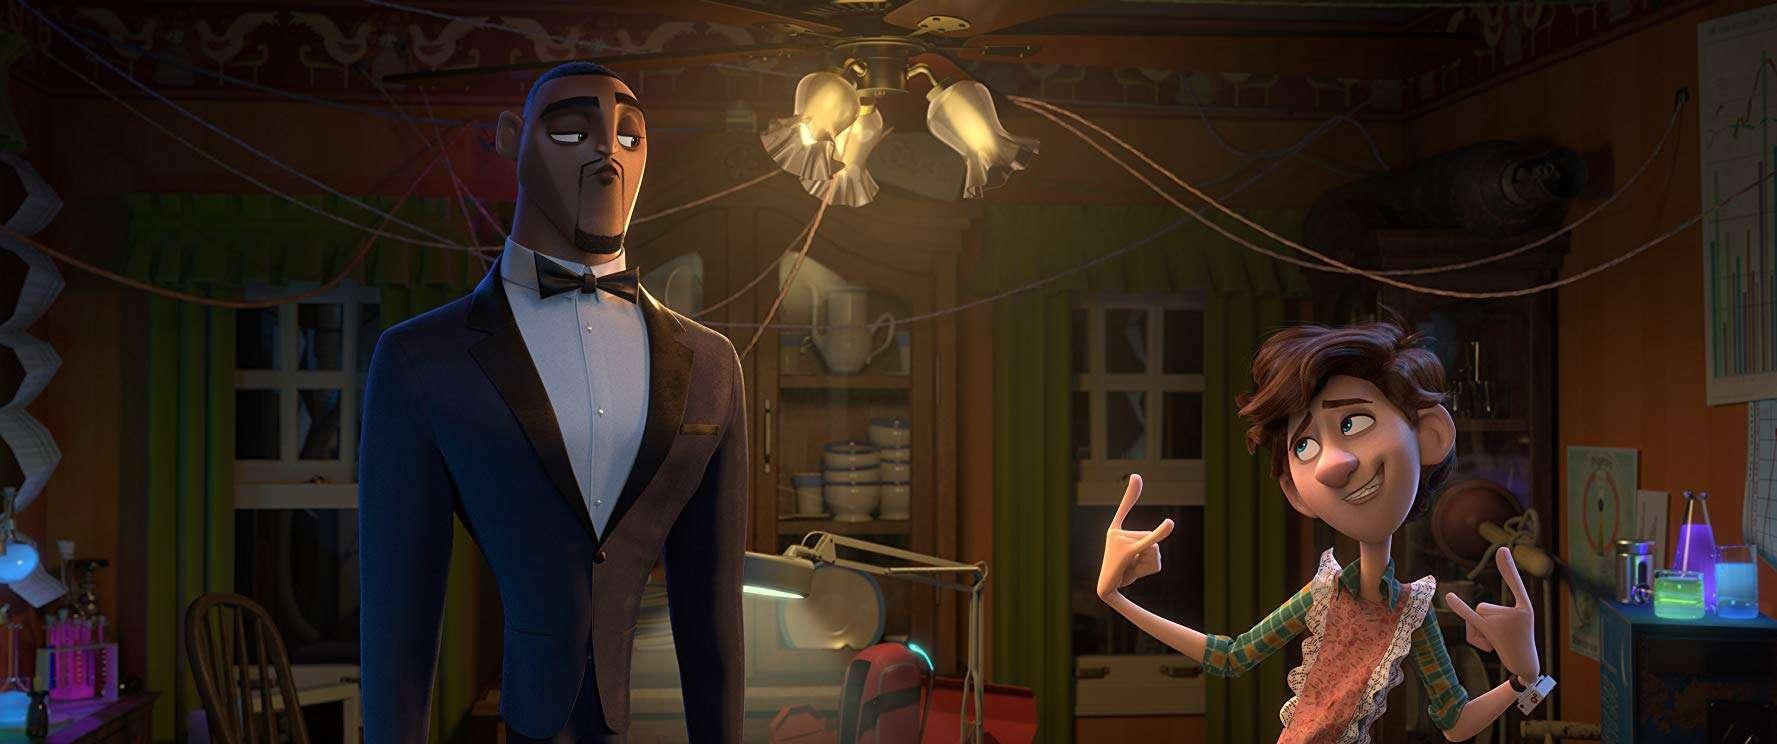 Review Spies In Disguise Animasi Seru Untuk Ditonton Di Penghujung 2019